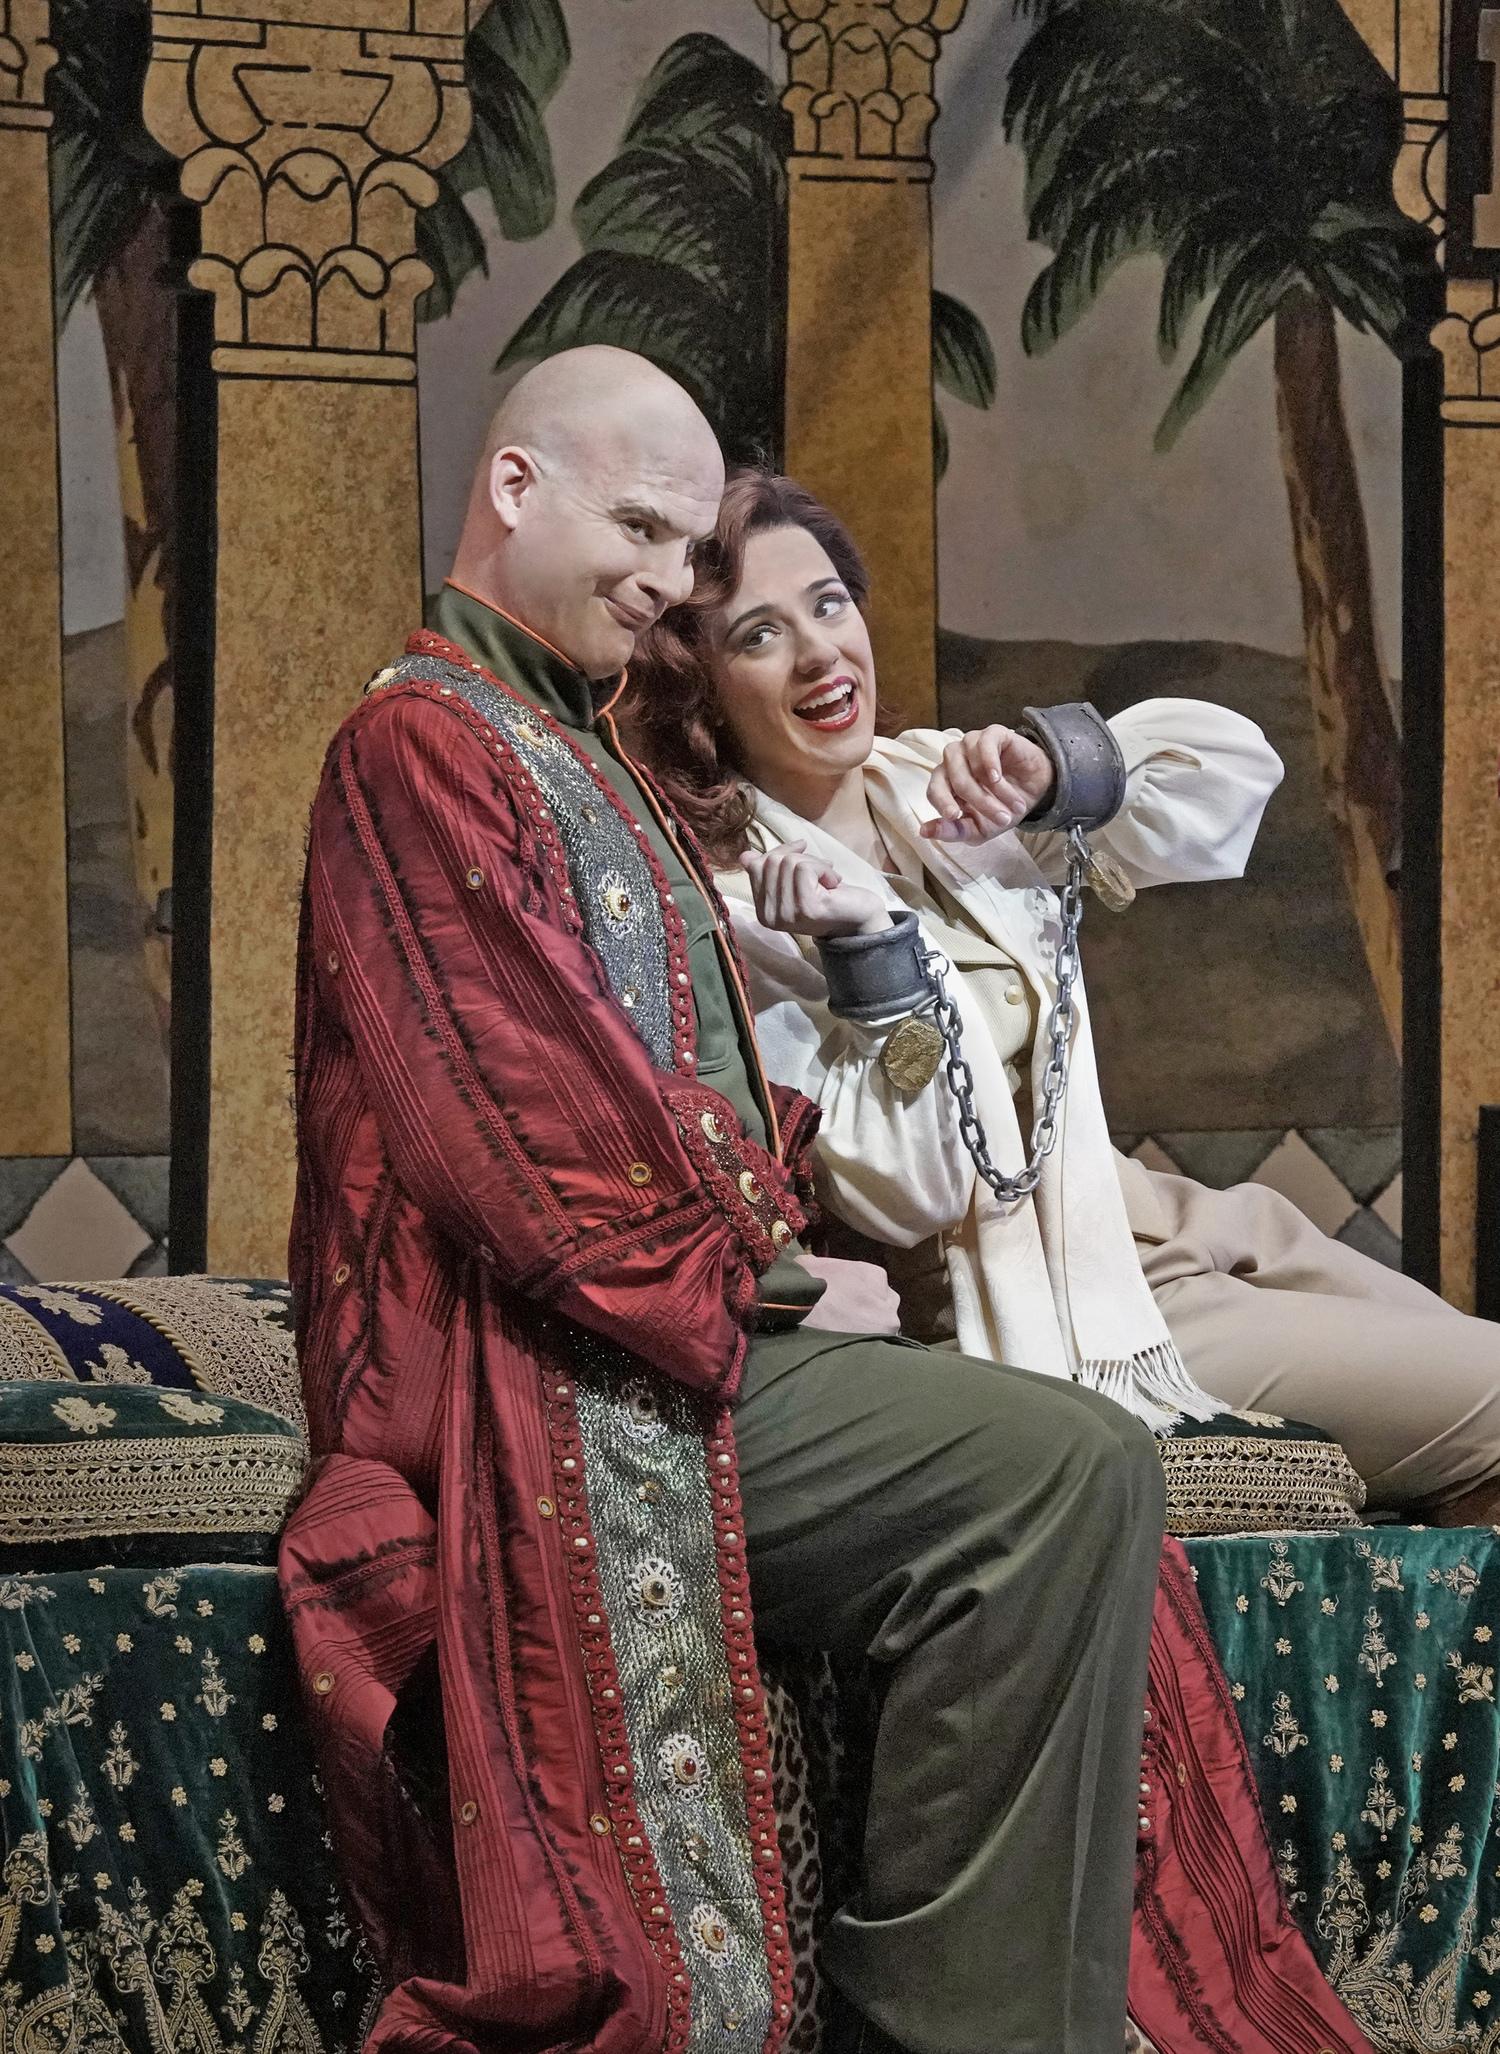 BWW Review: L'ITALIANA IN ALGERI at Santa Fe Opera